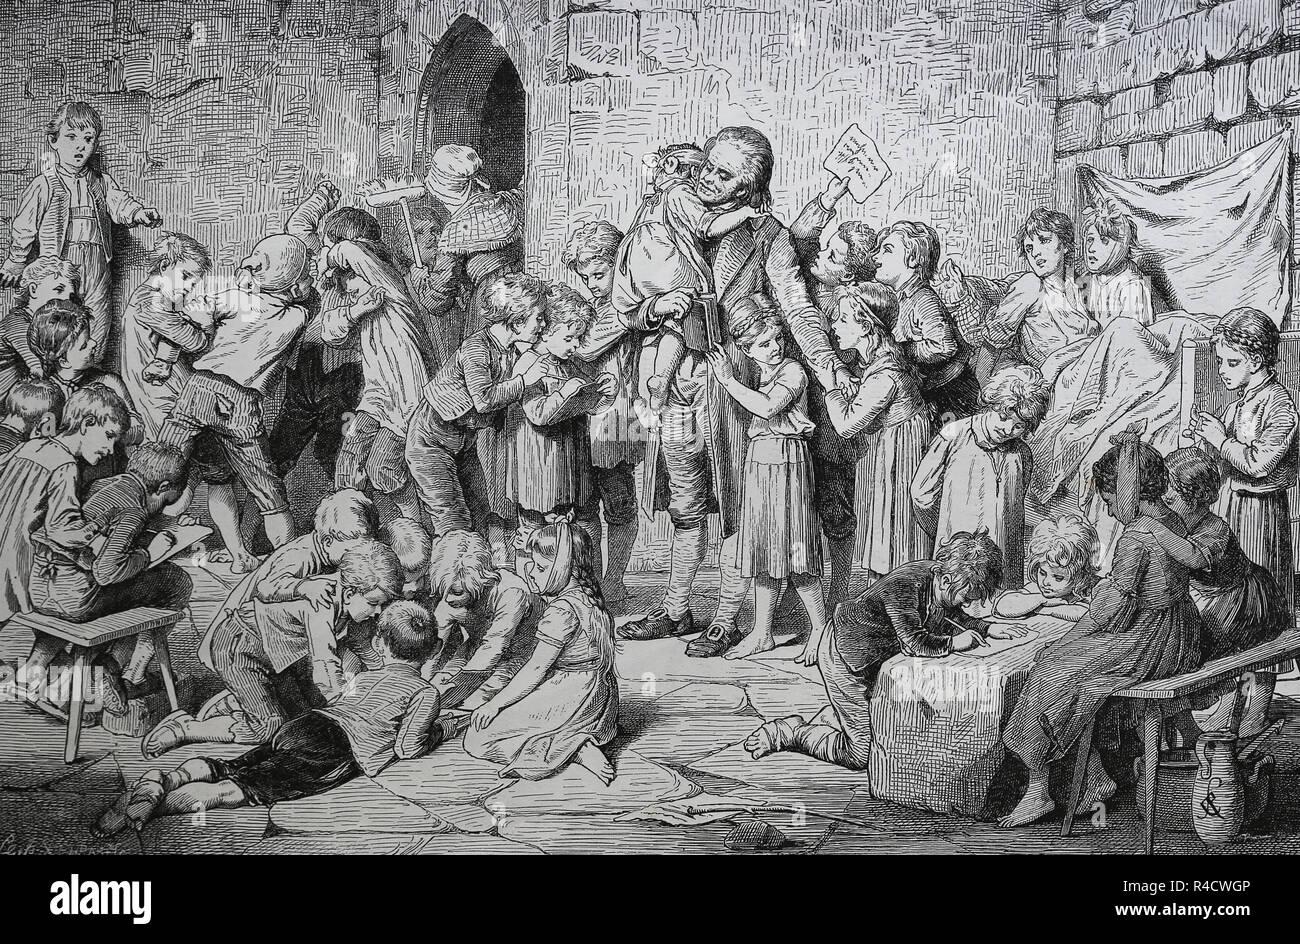 Johann Heinrich Pestalozzi (1746-1827). Schweizer Pädagoge. Besuch im Waisenhaus Nidwalden, Schweiz. Gravur, 1882. Stockbild